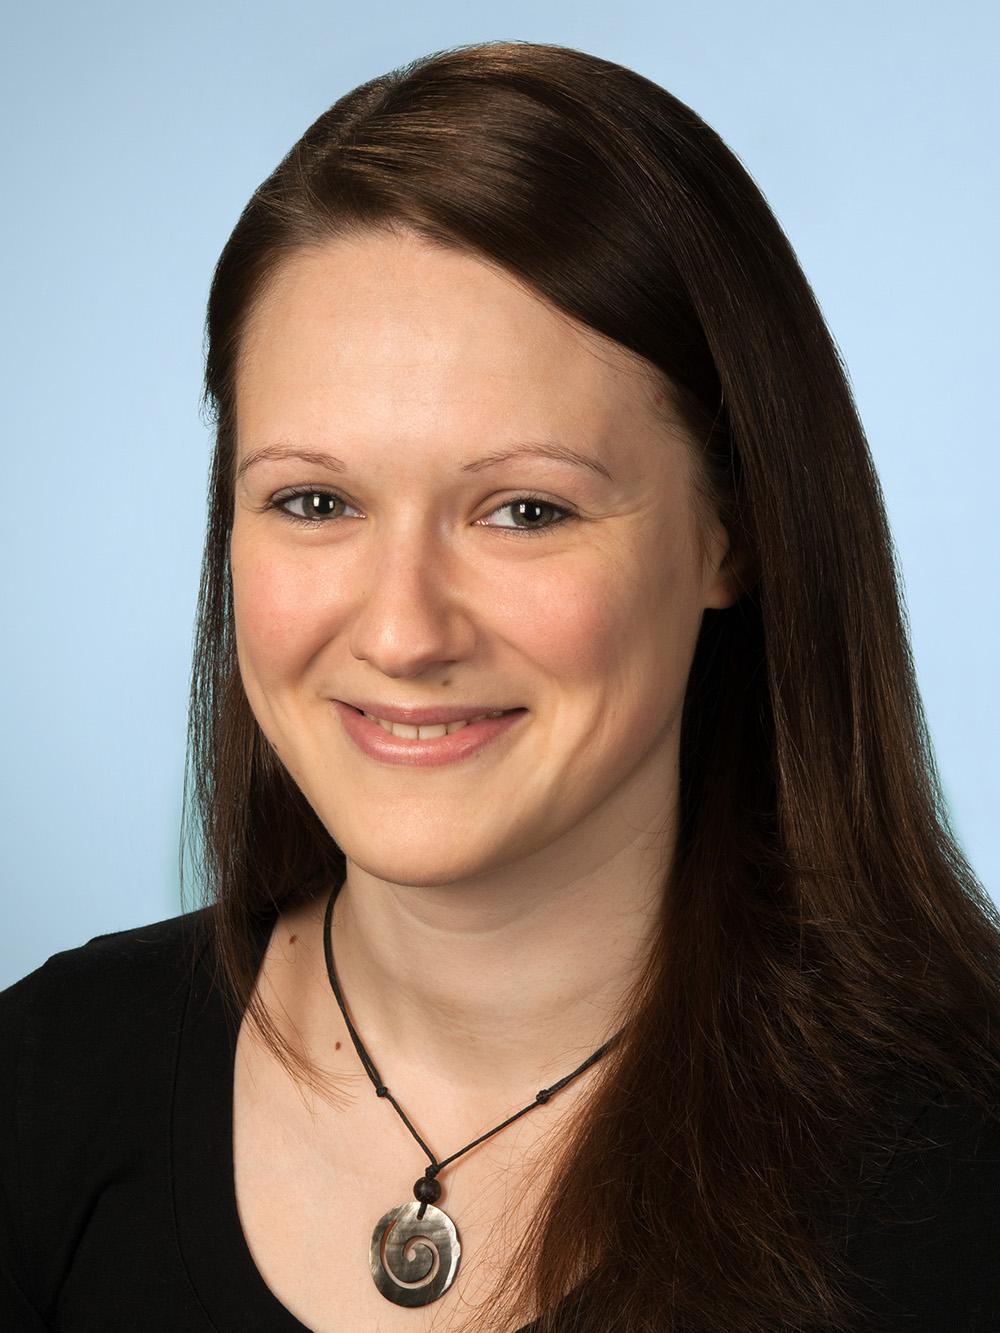 Eileen Schneider